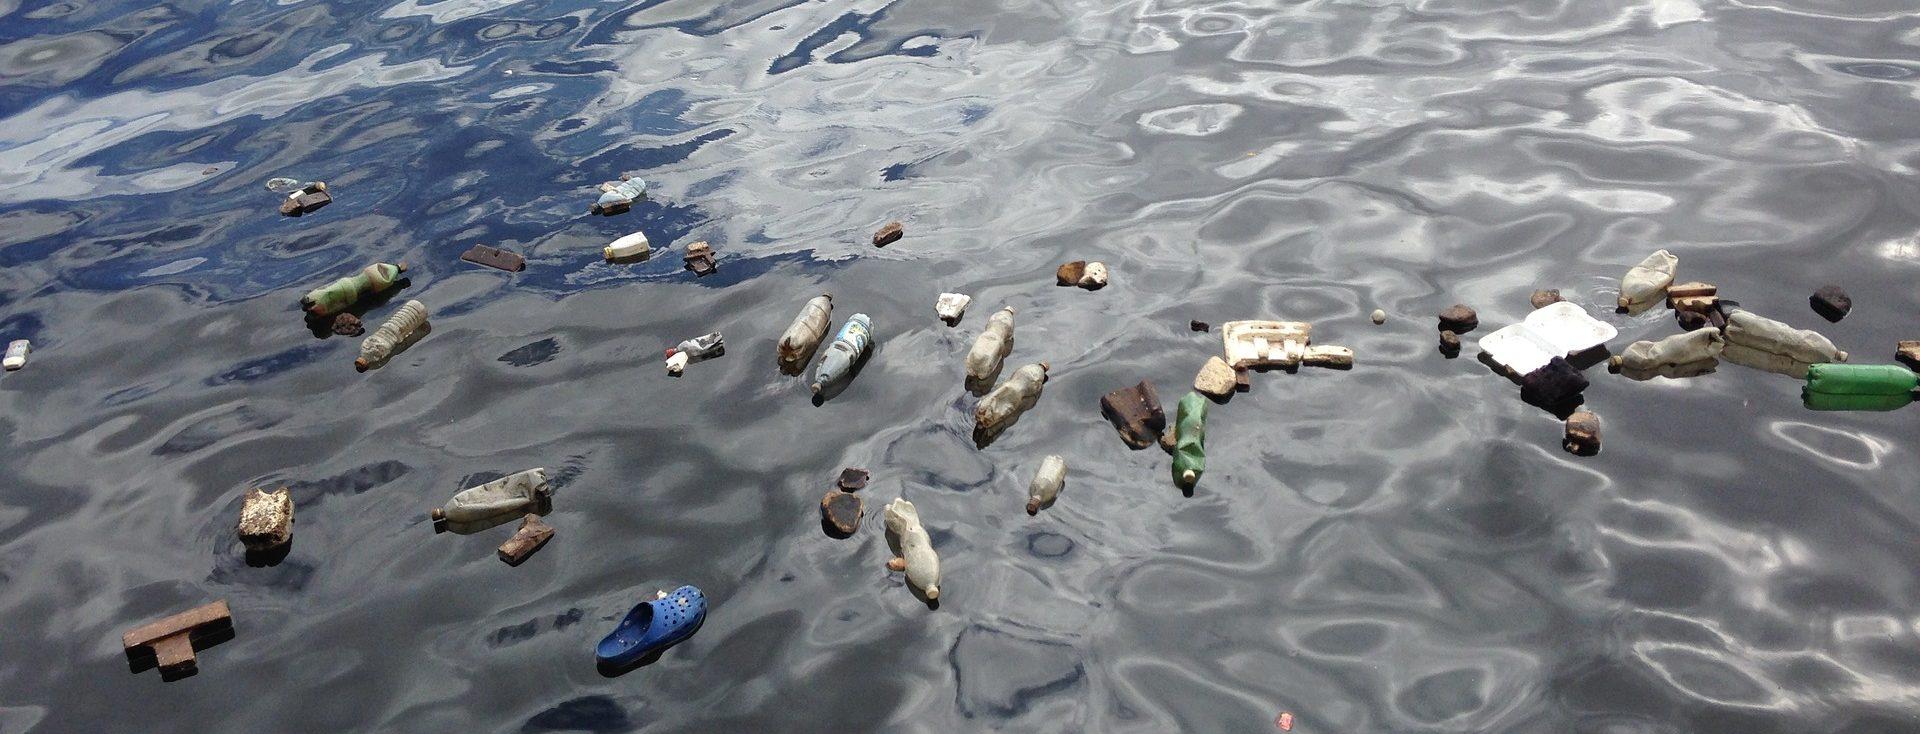 ¿Qué pasaría si los océanos se quedasen sin oxígeno?